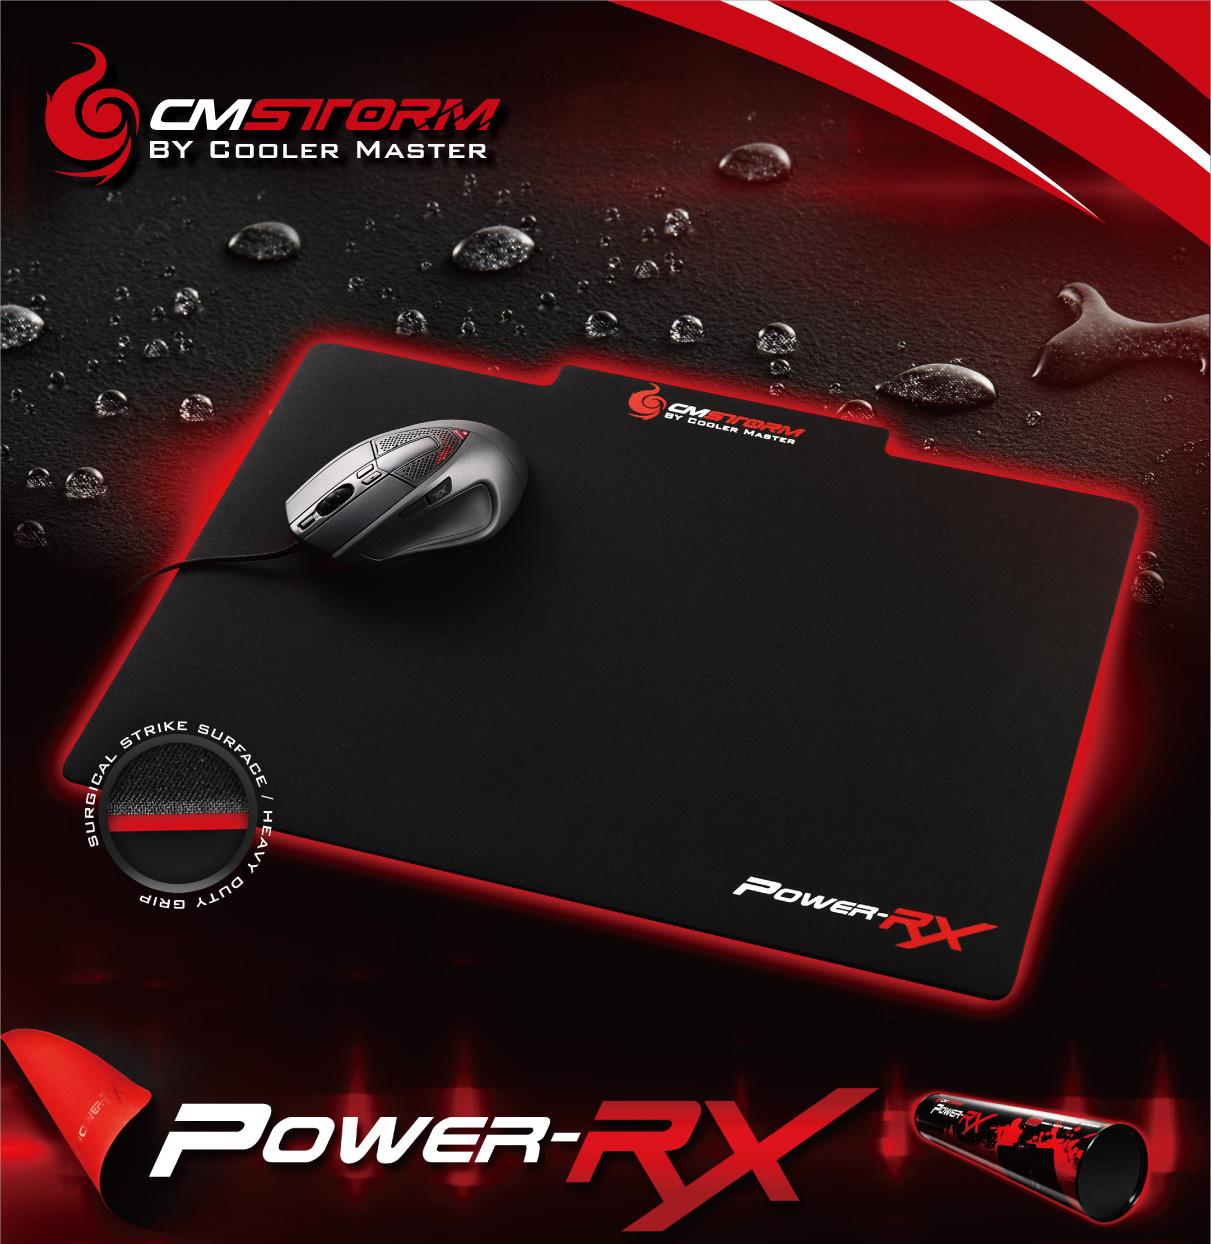 Tapis de souris CM Storm POWER-RX par Cooler Master